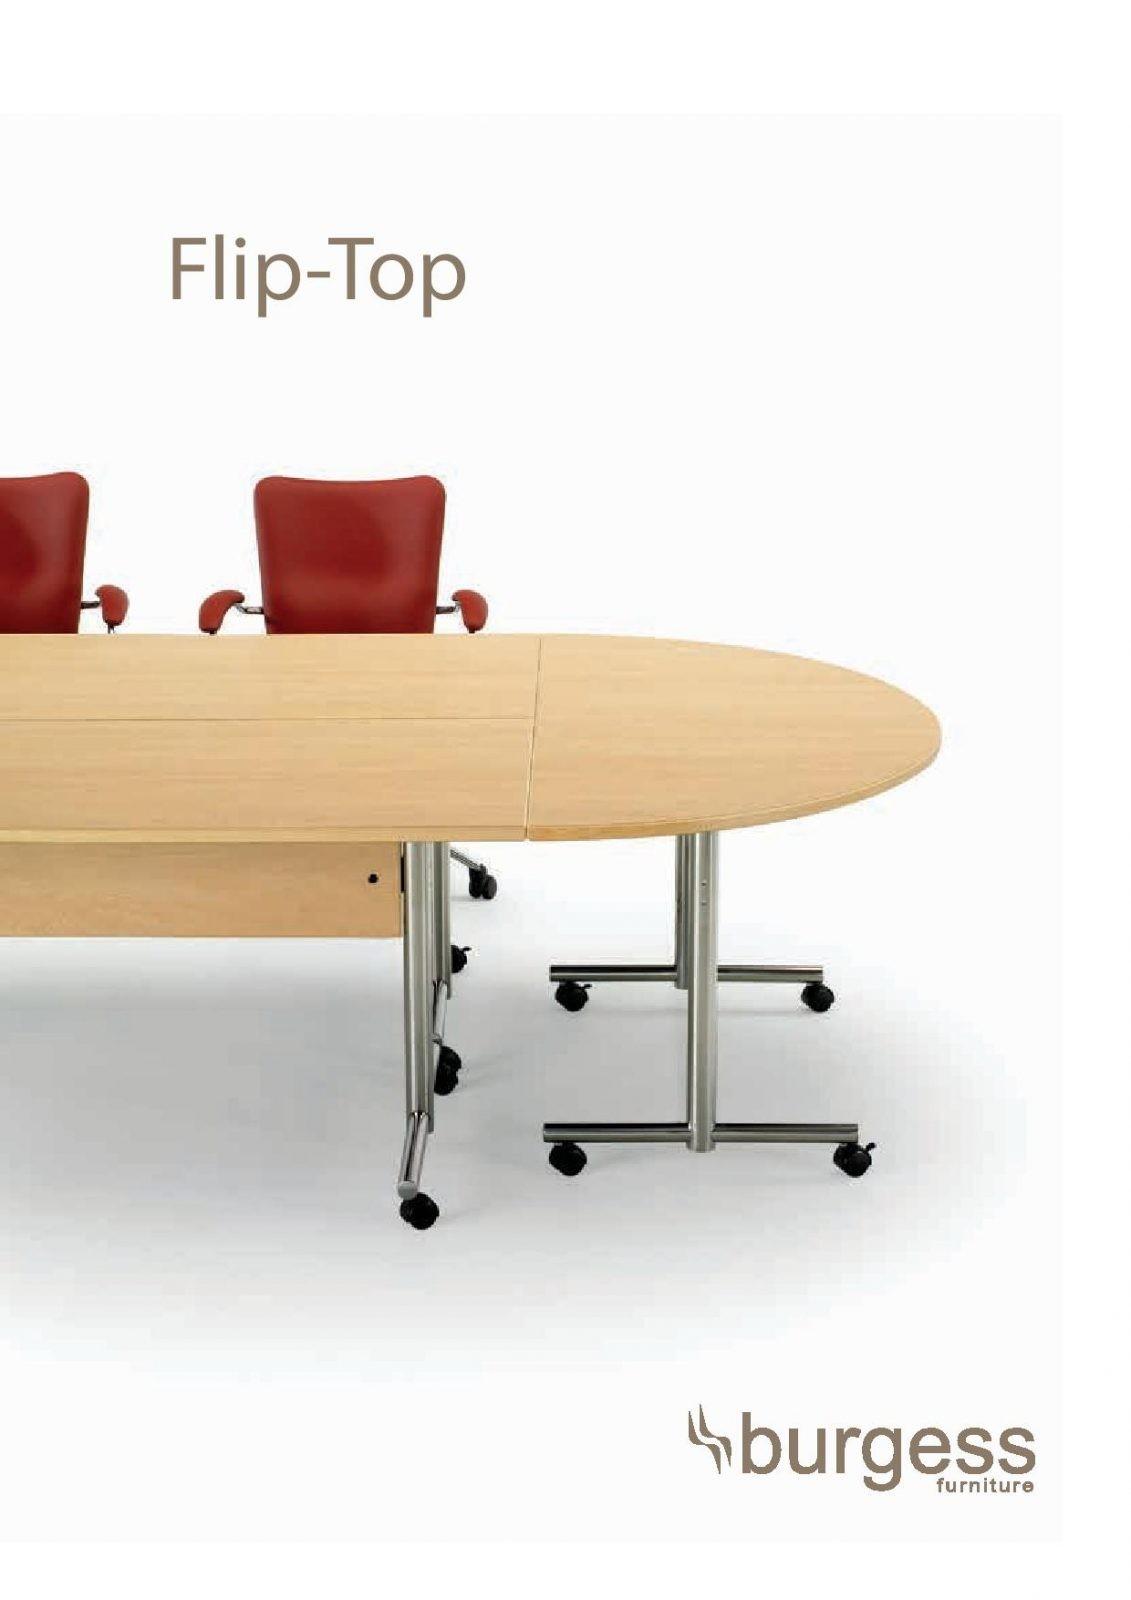 שולחנות דגם FLIPTOP